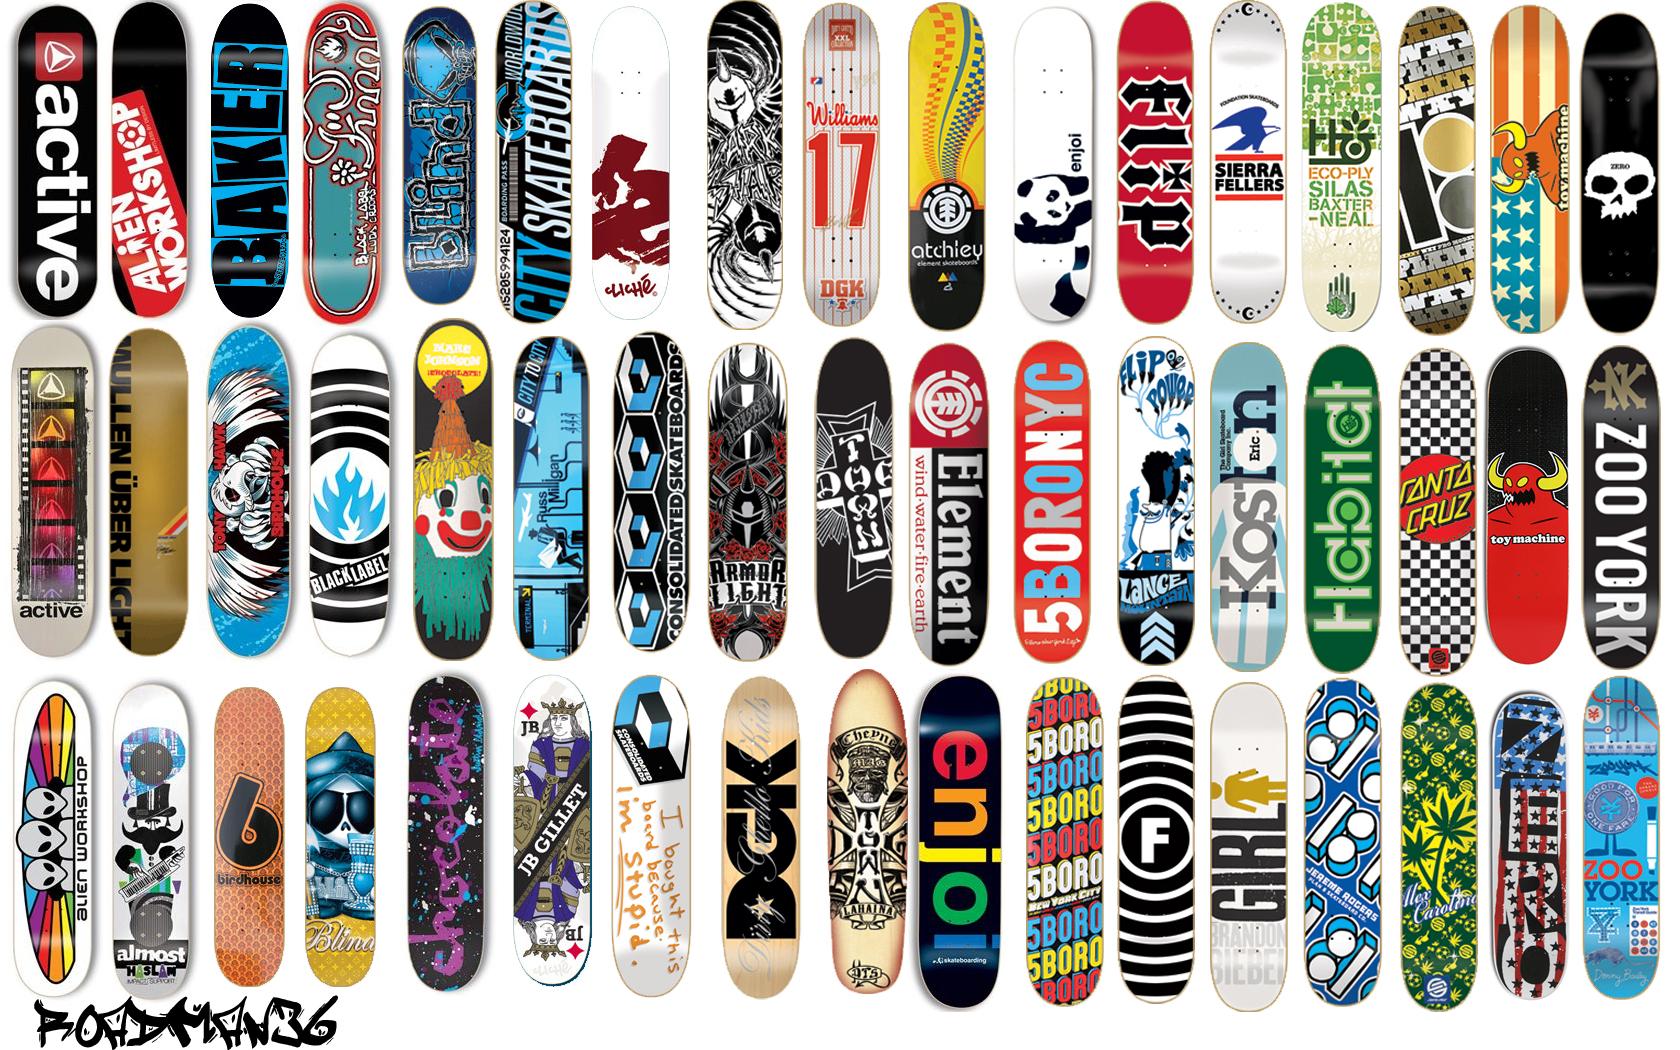 Diseño de tablas de skate - 1680x1050